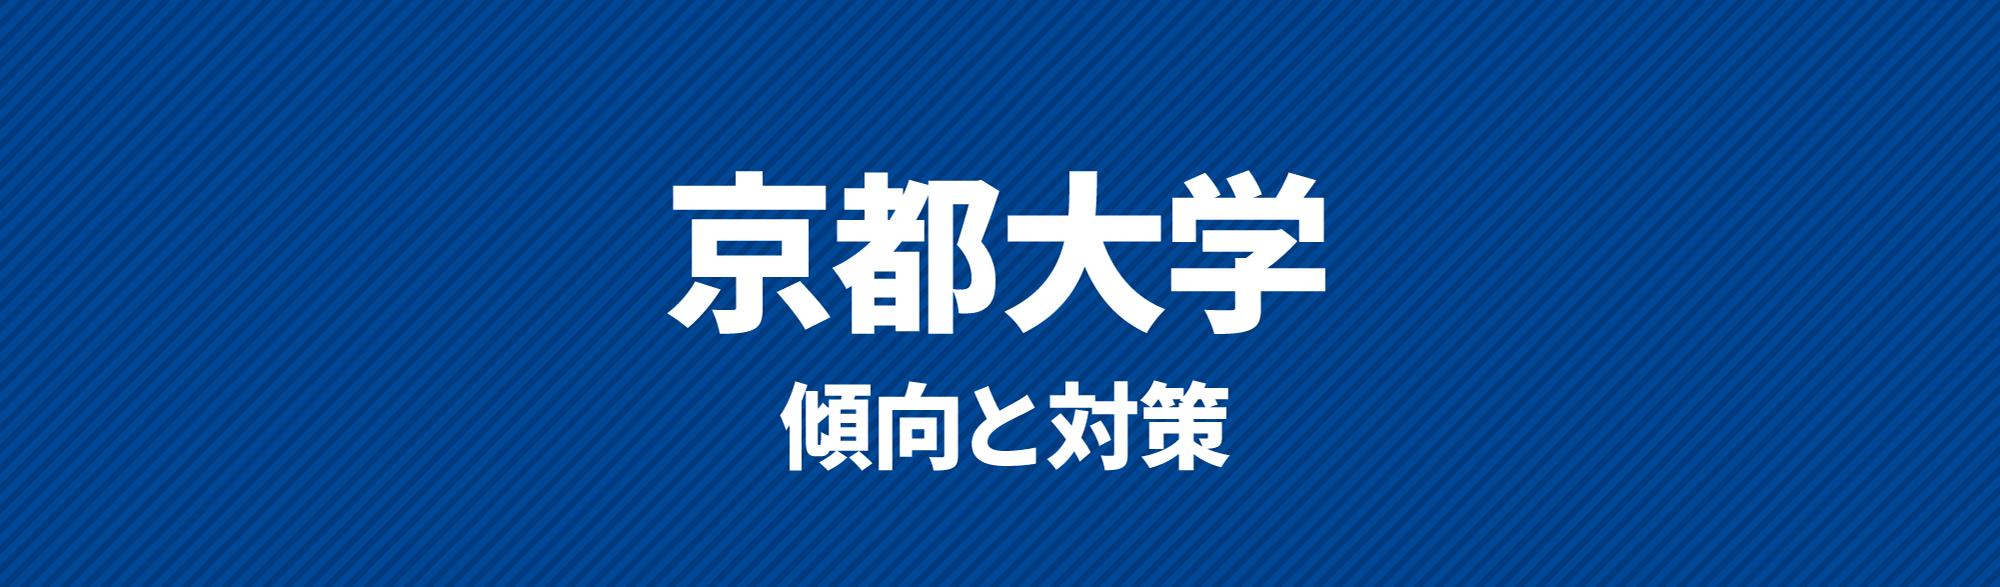 京都大学傾向と対策